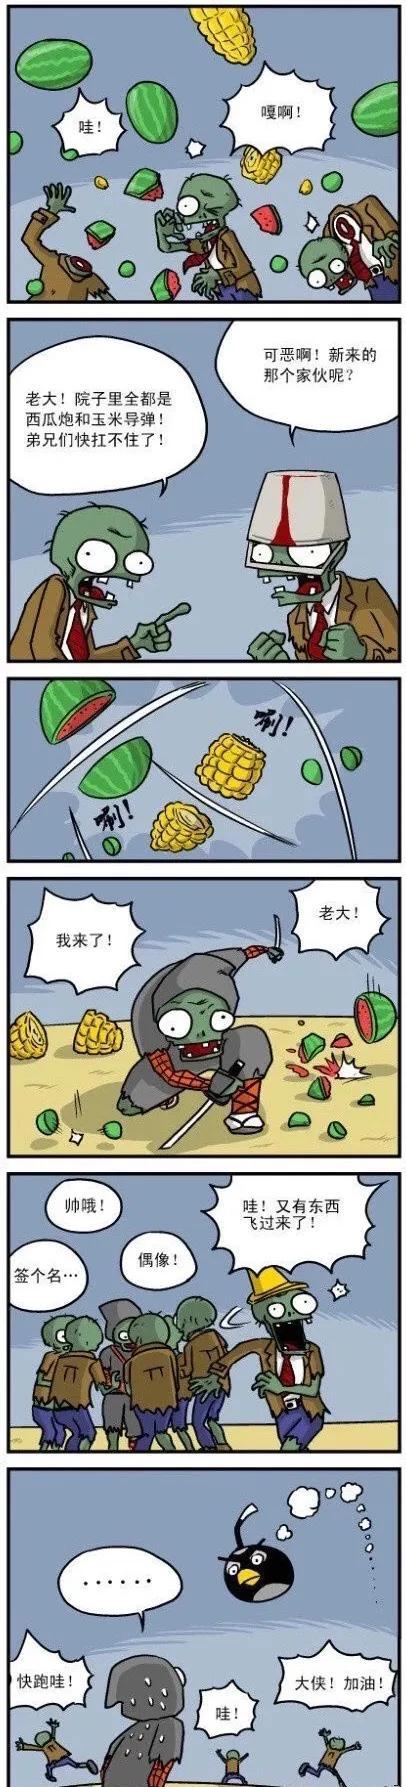 幸运的二爷【植物大战僵尸四图漫画】